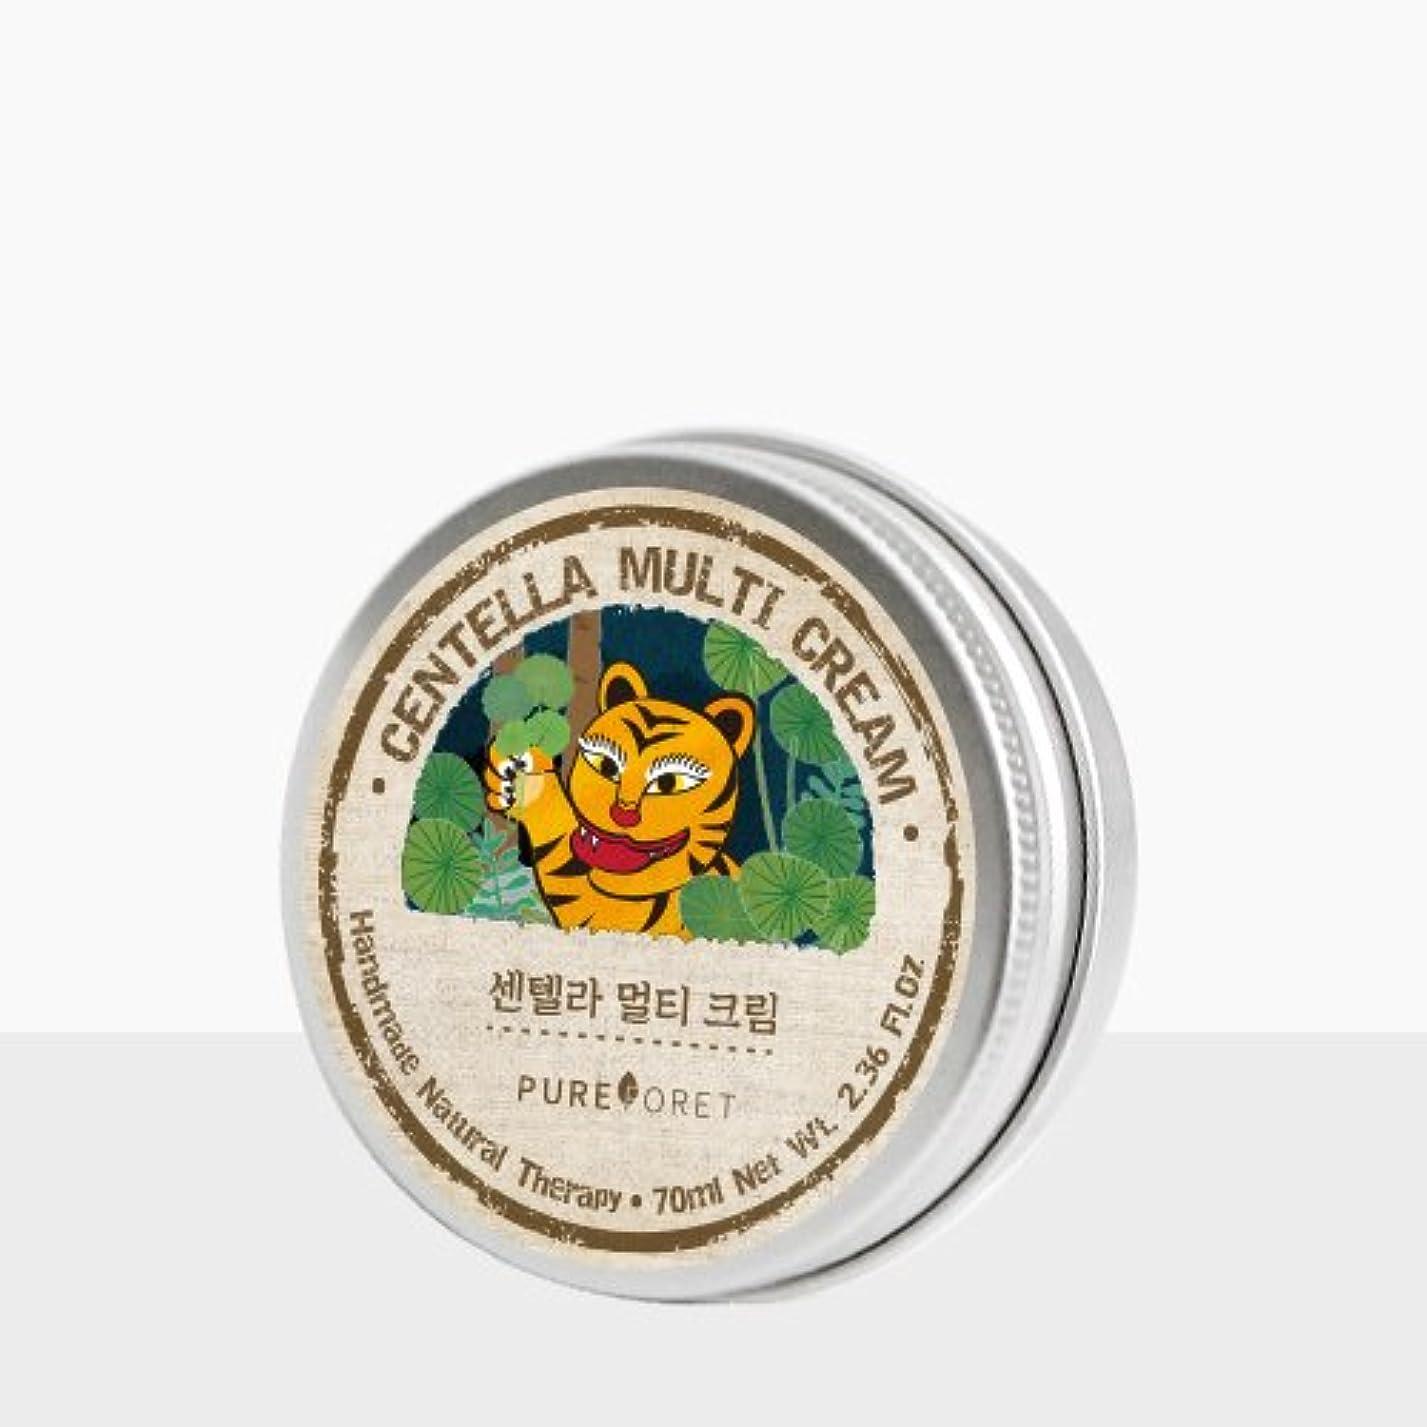 太い吐き出す並外れたPureforet センテラマルチ クリーム (70ml)